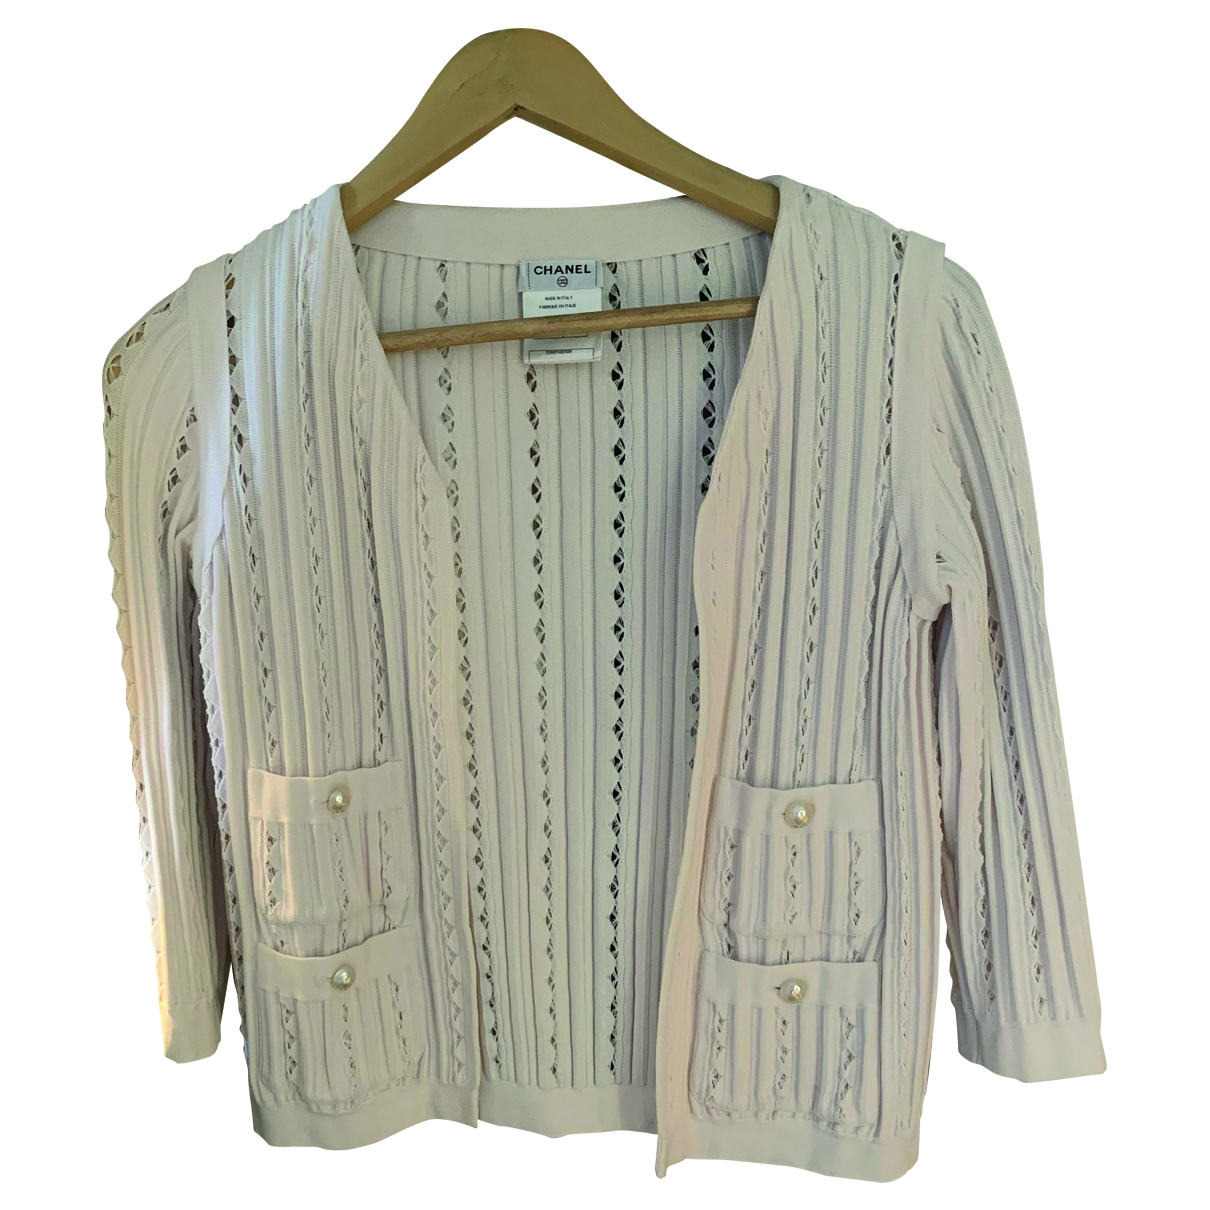 Chanel \N Beige Cotton jacket for Women 34 FR